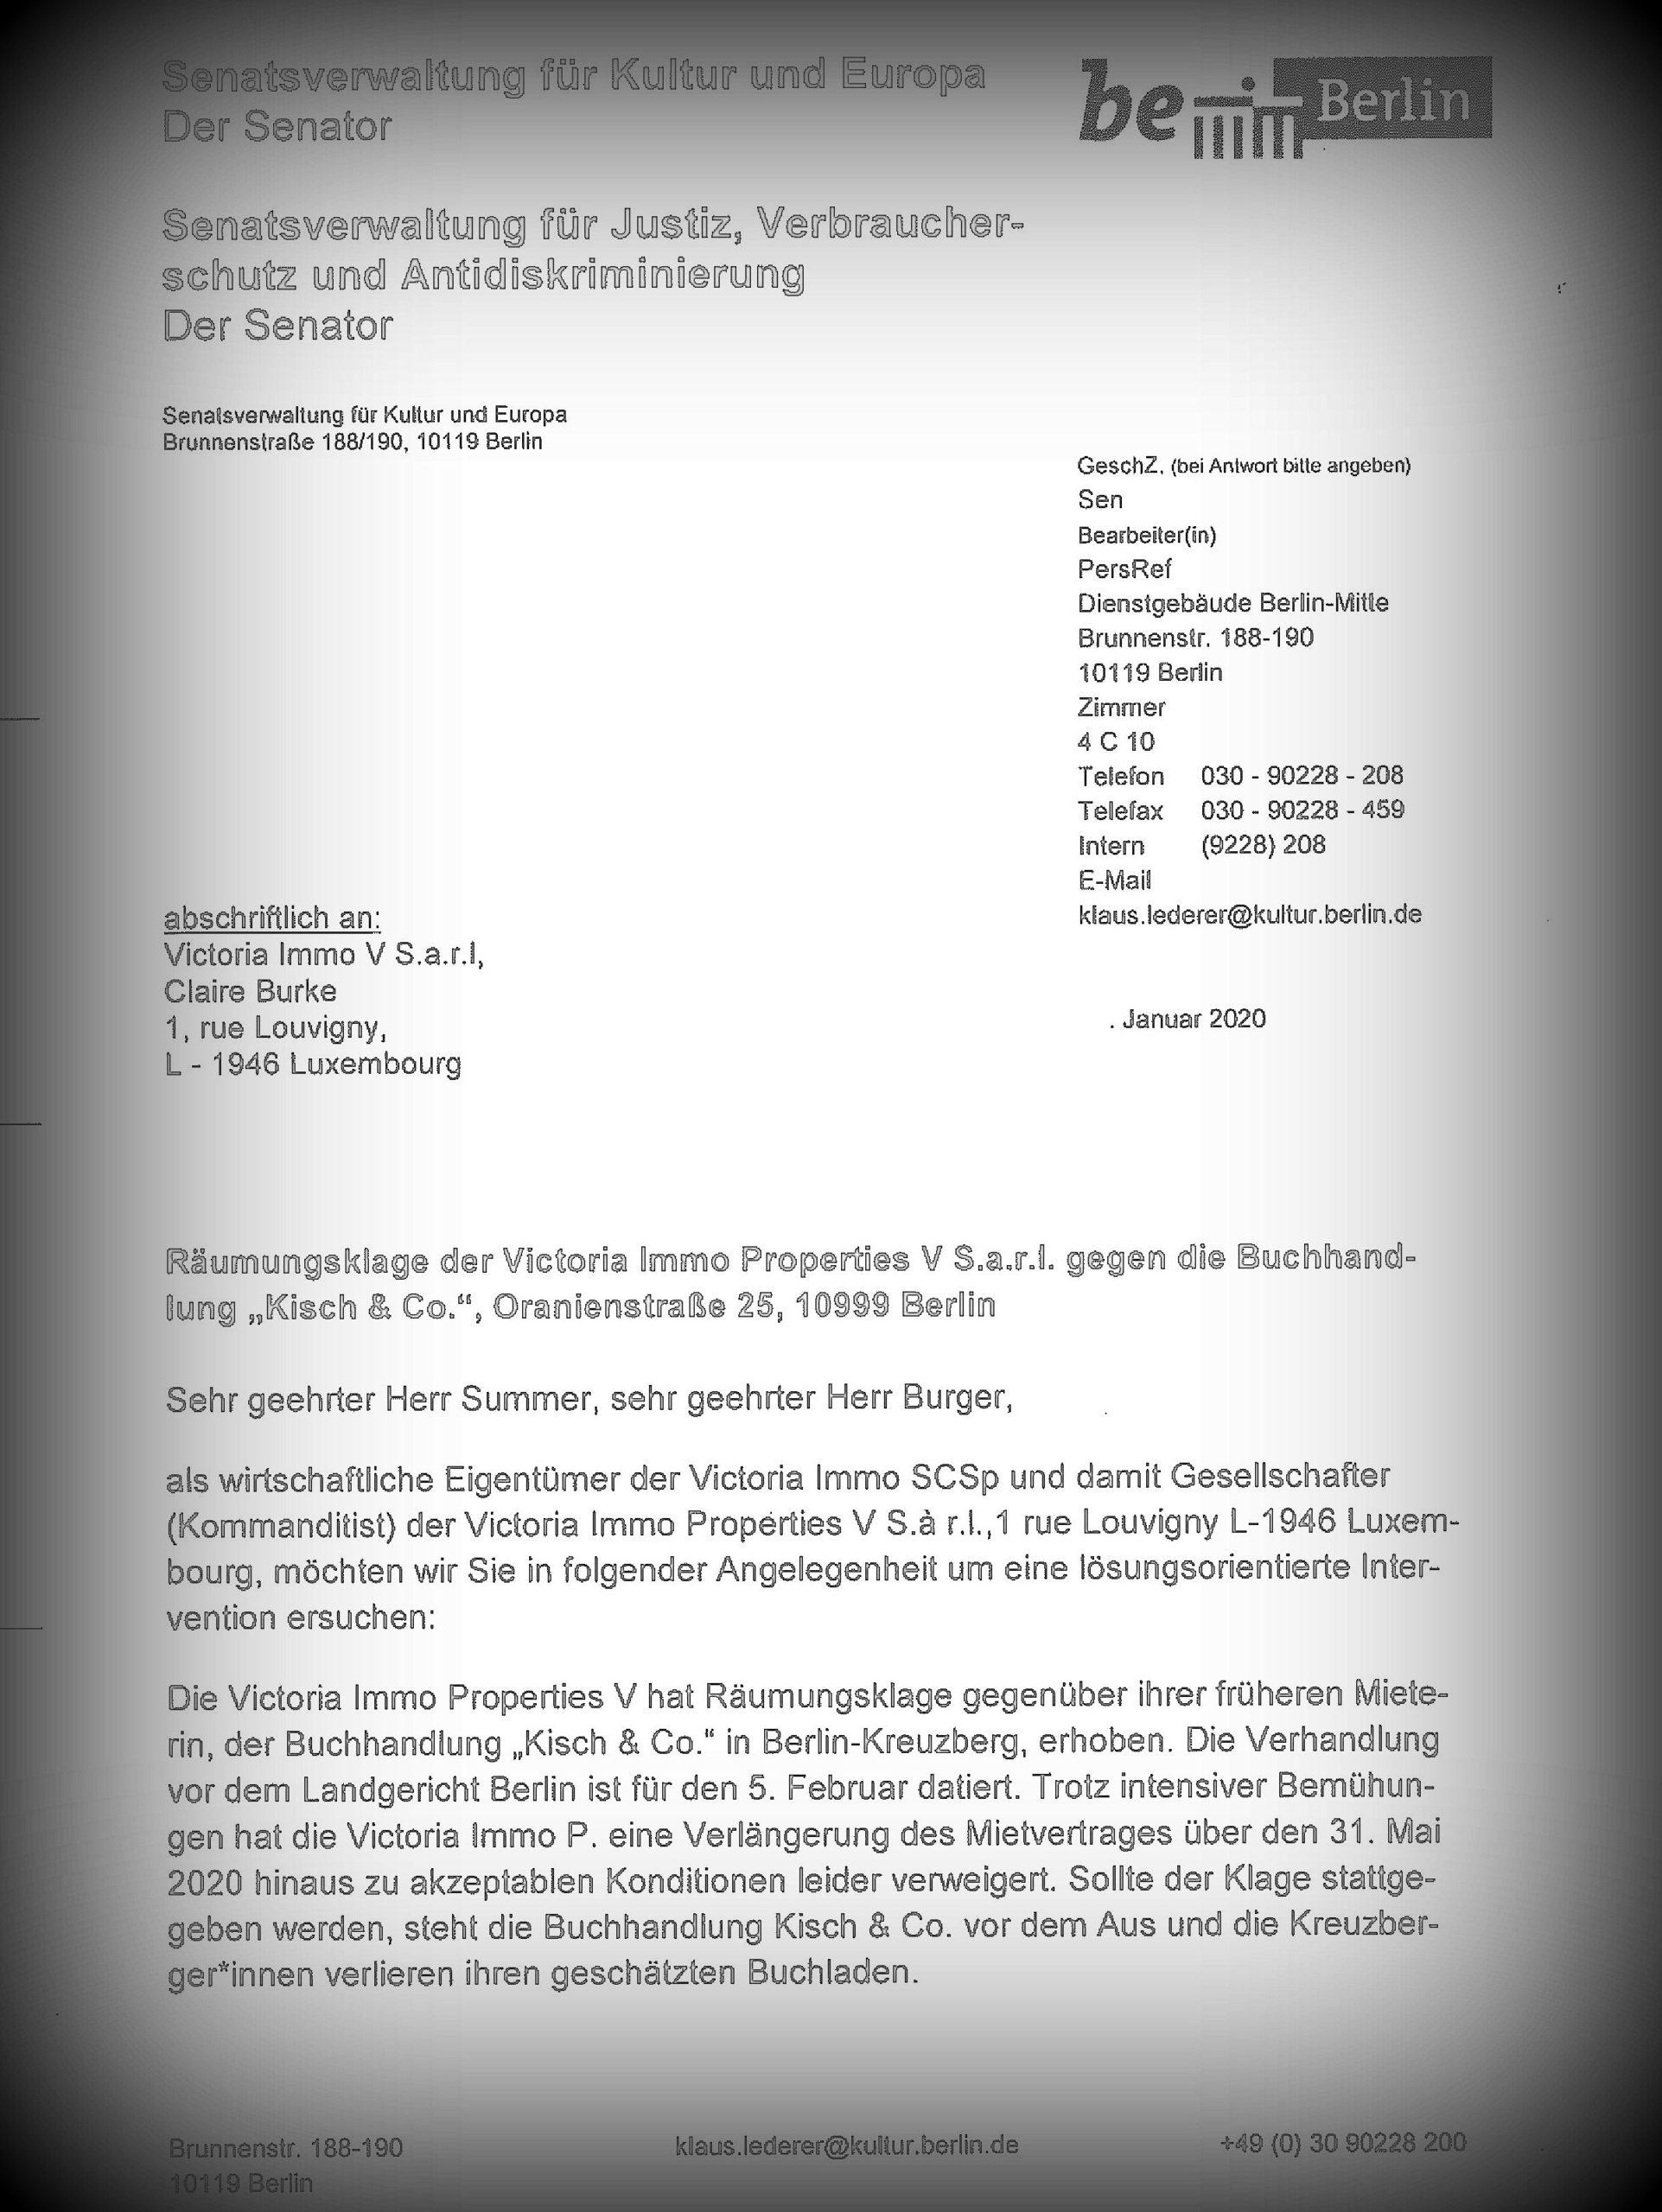 Pressemitteilung des Bündnis #Volle Breitseite für die Oranienstr. 25 – Offener Senatorenbrief an Victoria Immo Properties – Räumungsprozess verschoben